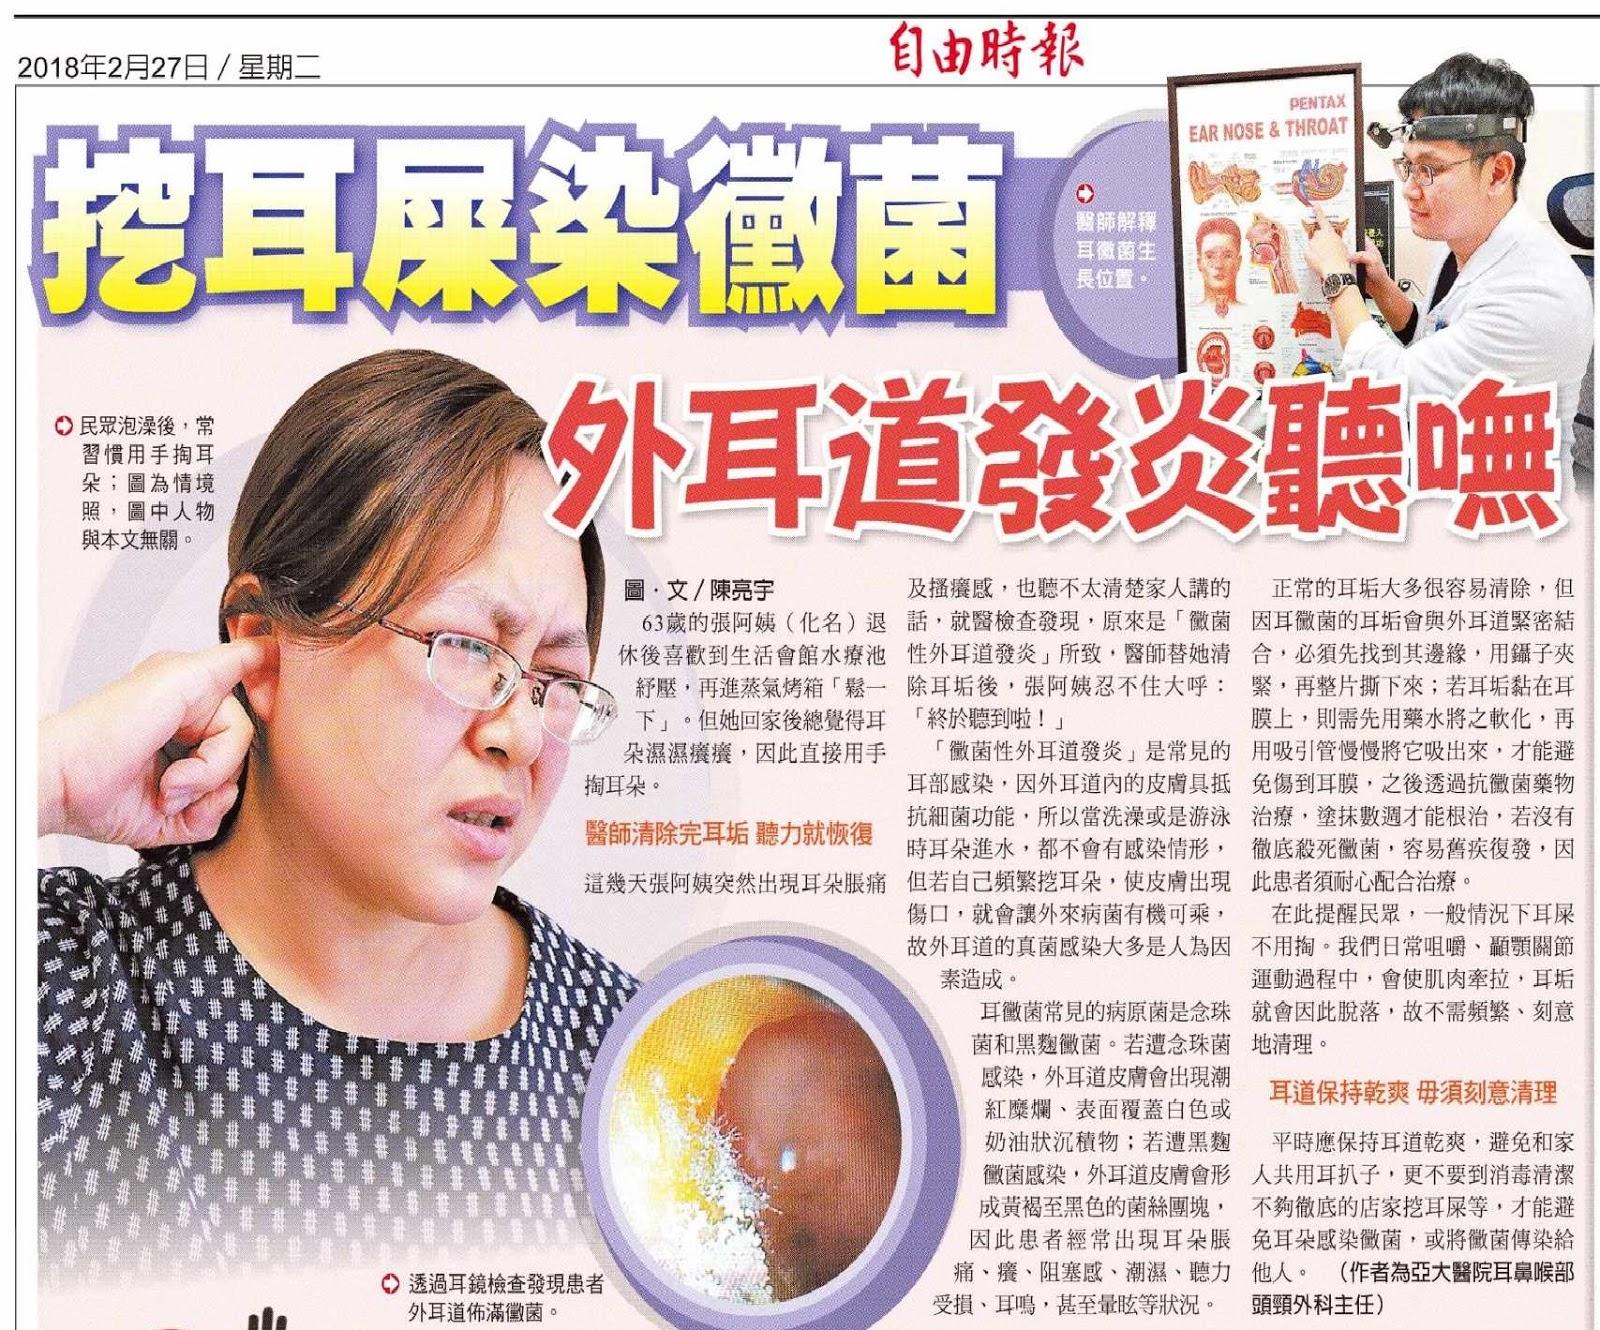 20180227 挖耳屎染黴菌 外耳道發炎聽嘸-自由時報-耳鼻喉科-陳亮宇